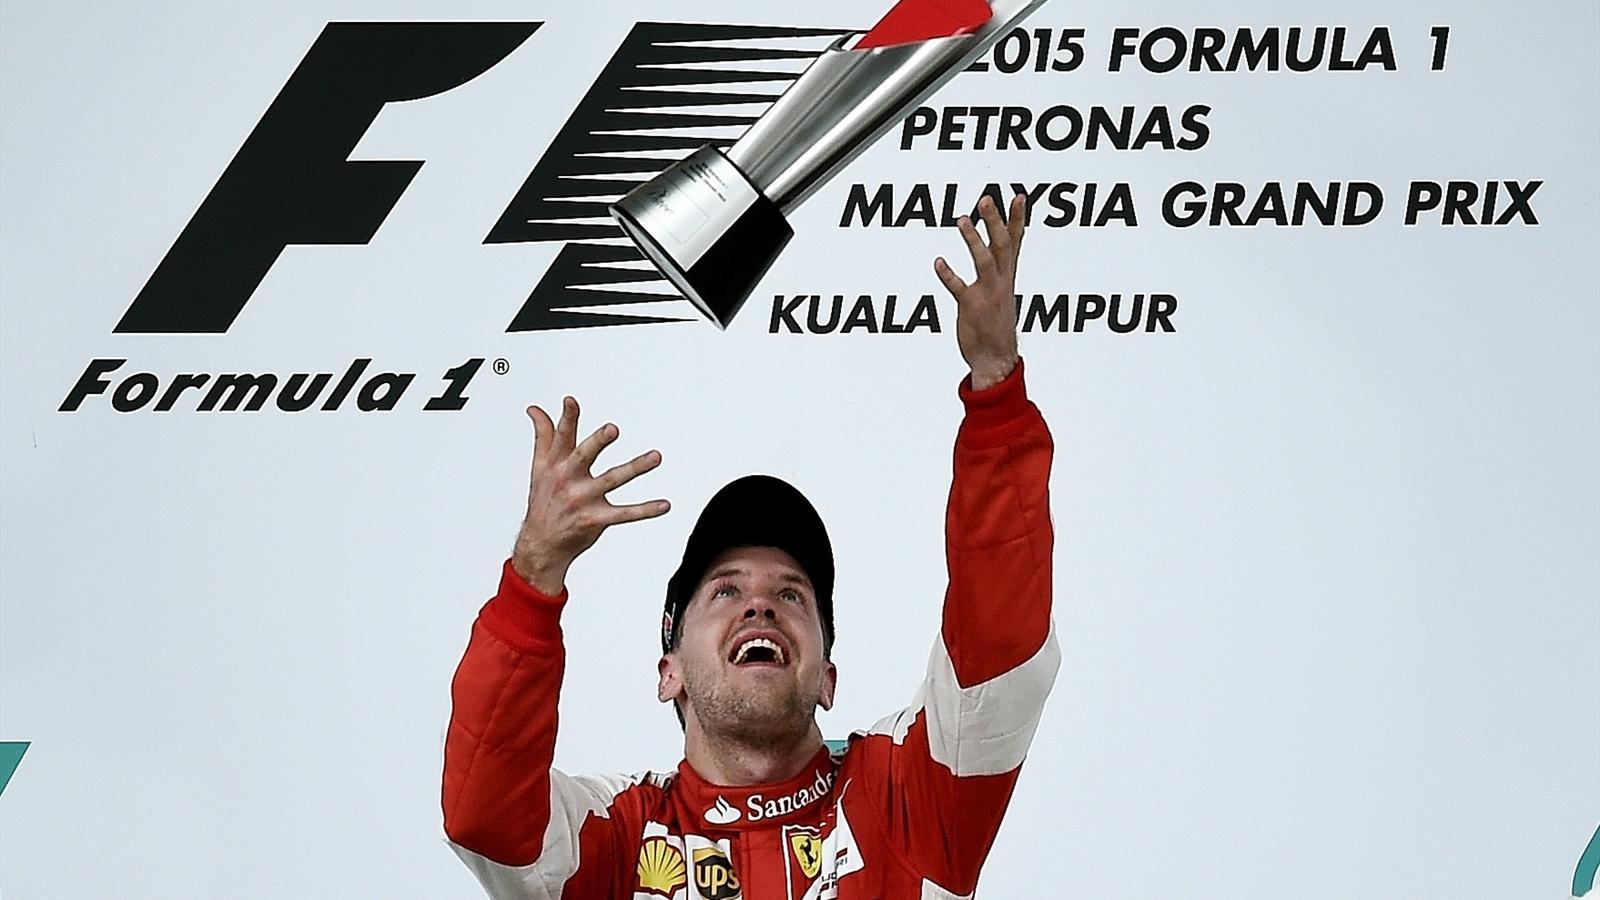 La victoire de Sebastian Vettel